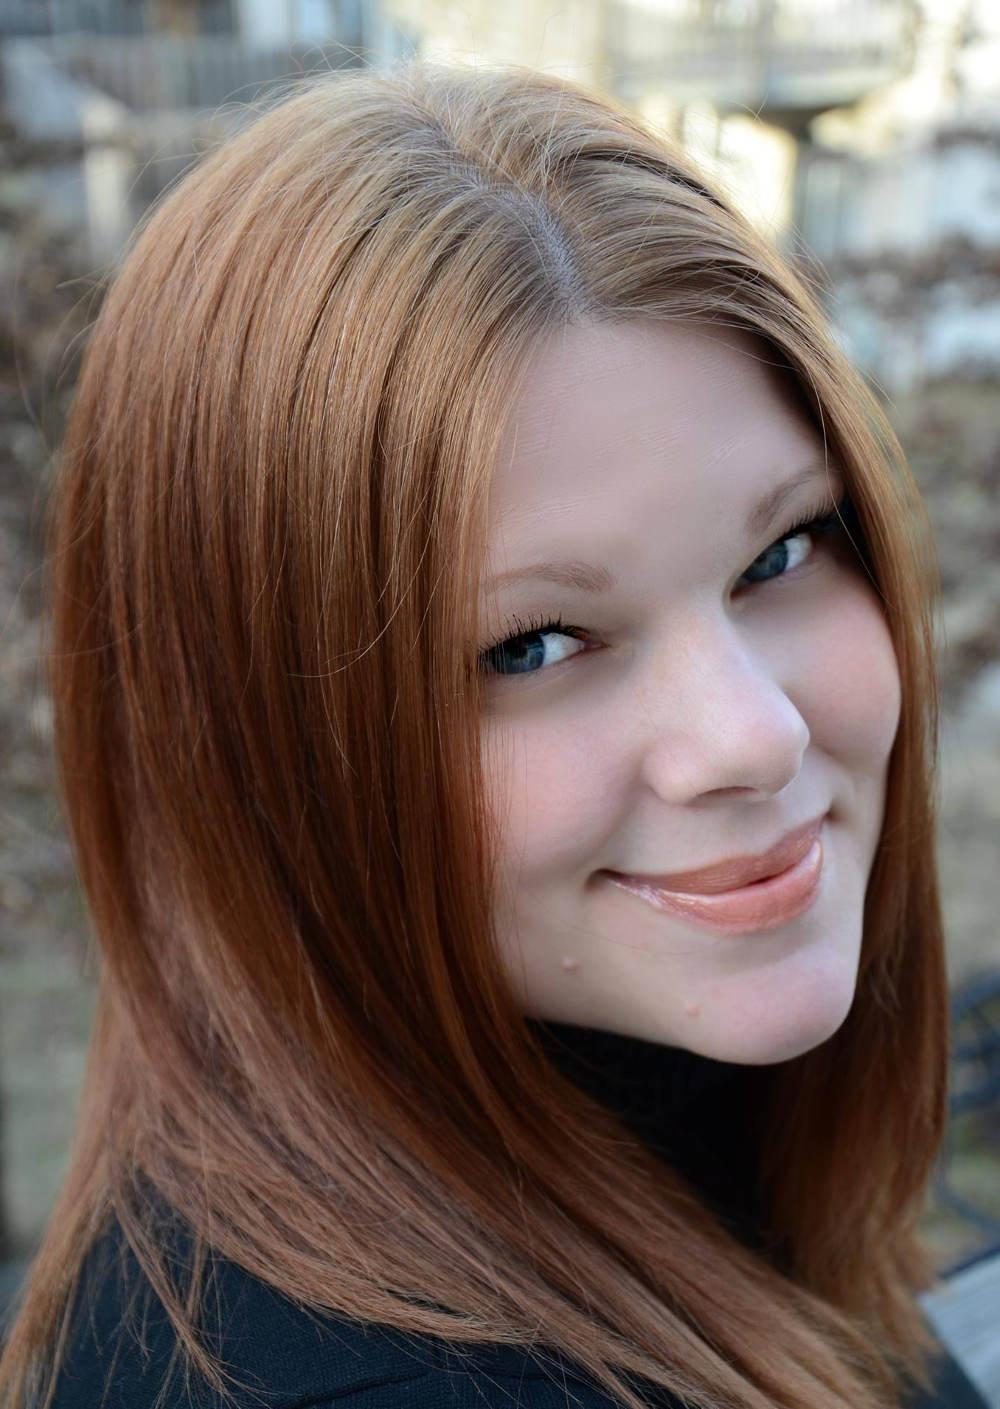 Rosemarie Groner